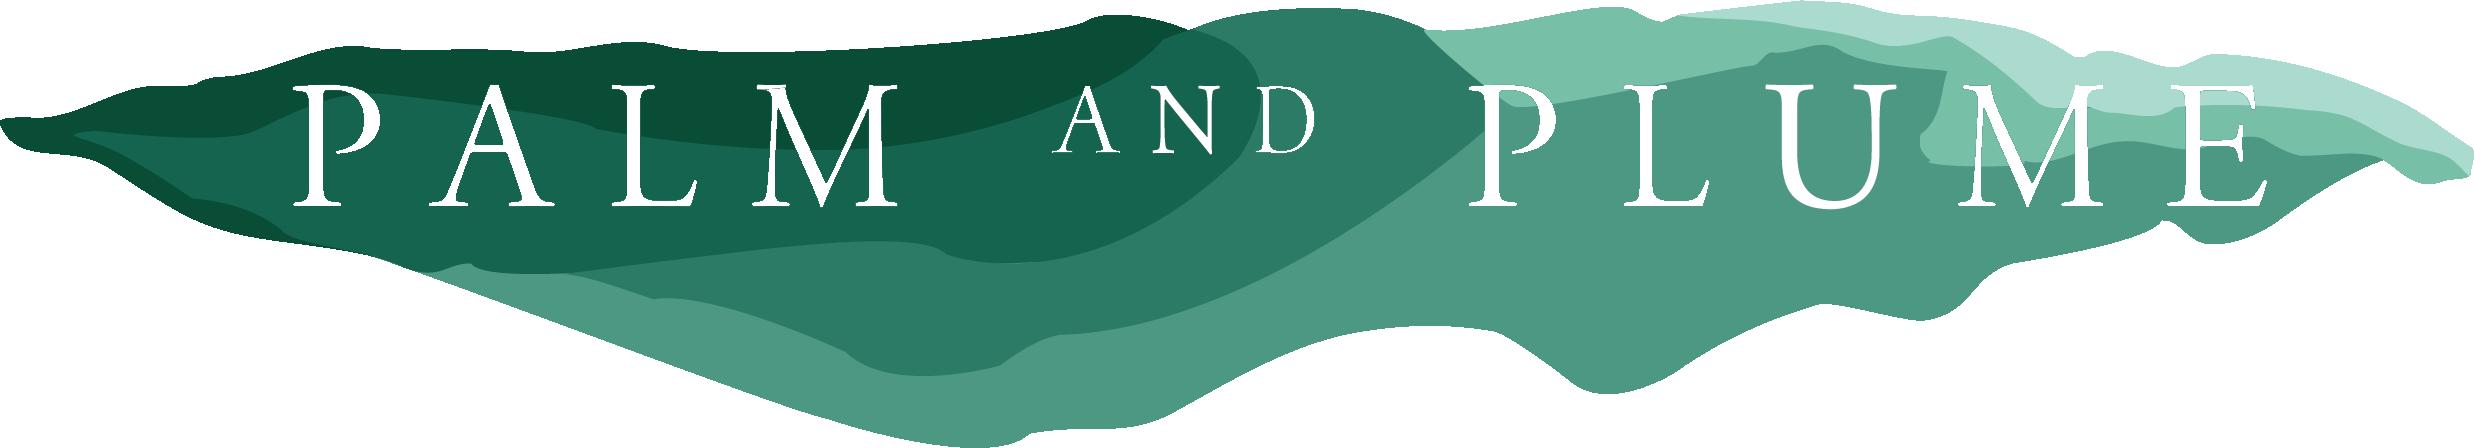 pp-logo-3.png